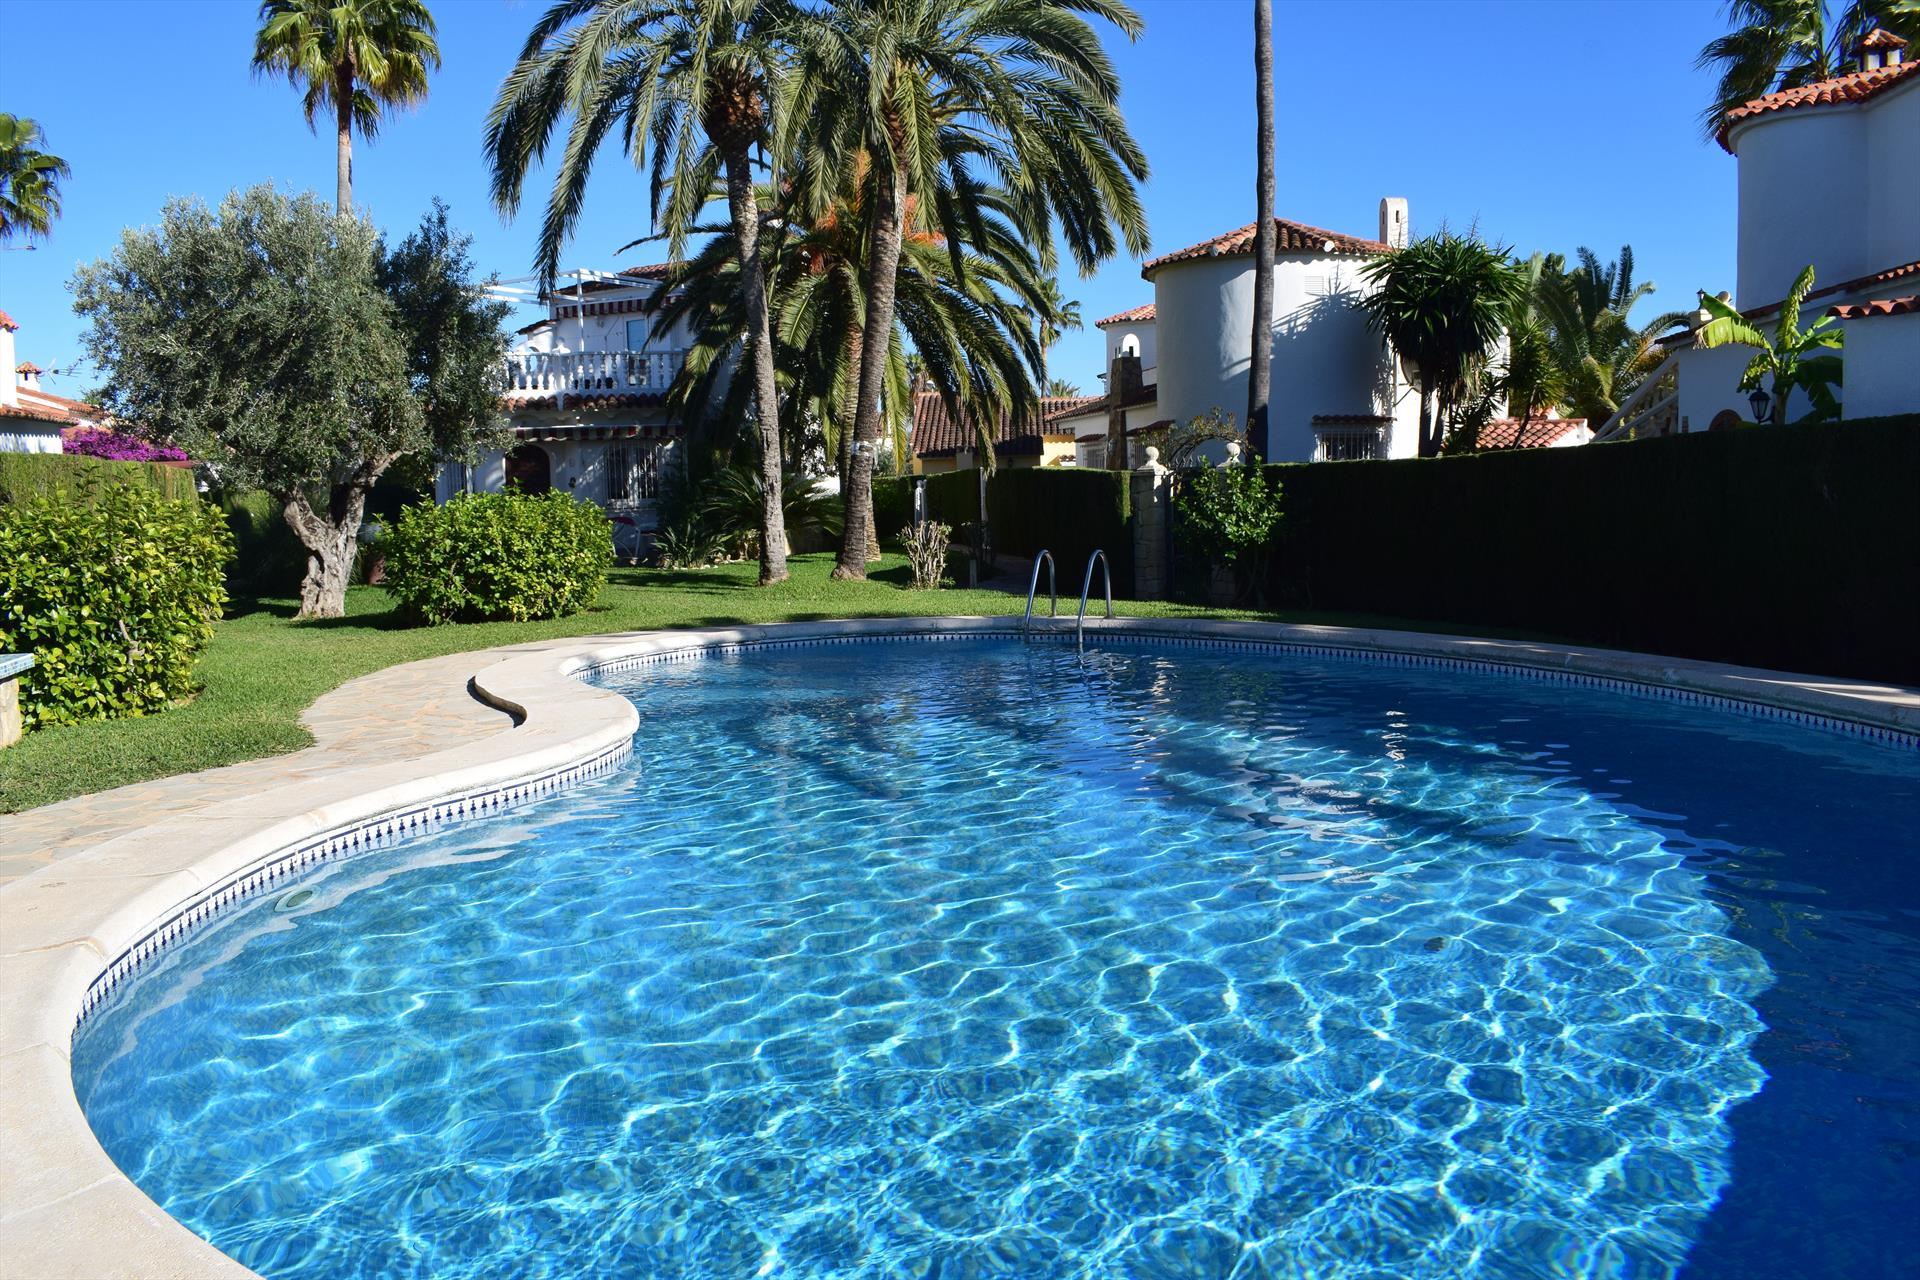 VI4027 Velazquez Oliva Nova,Vivienda de vacaciones bonita y acogedora  con piscina comunitaria en Oliva, en la Costa Blanca, España para 6 personas.....